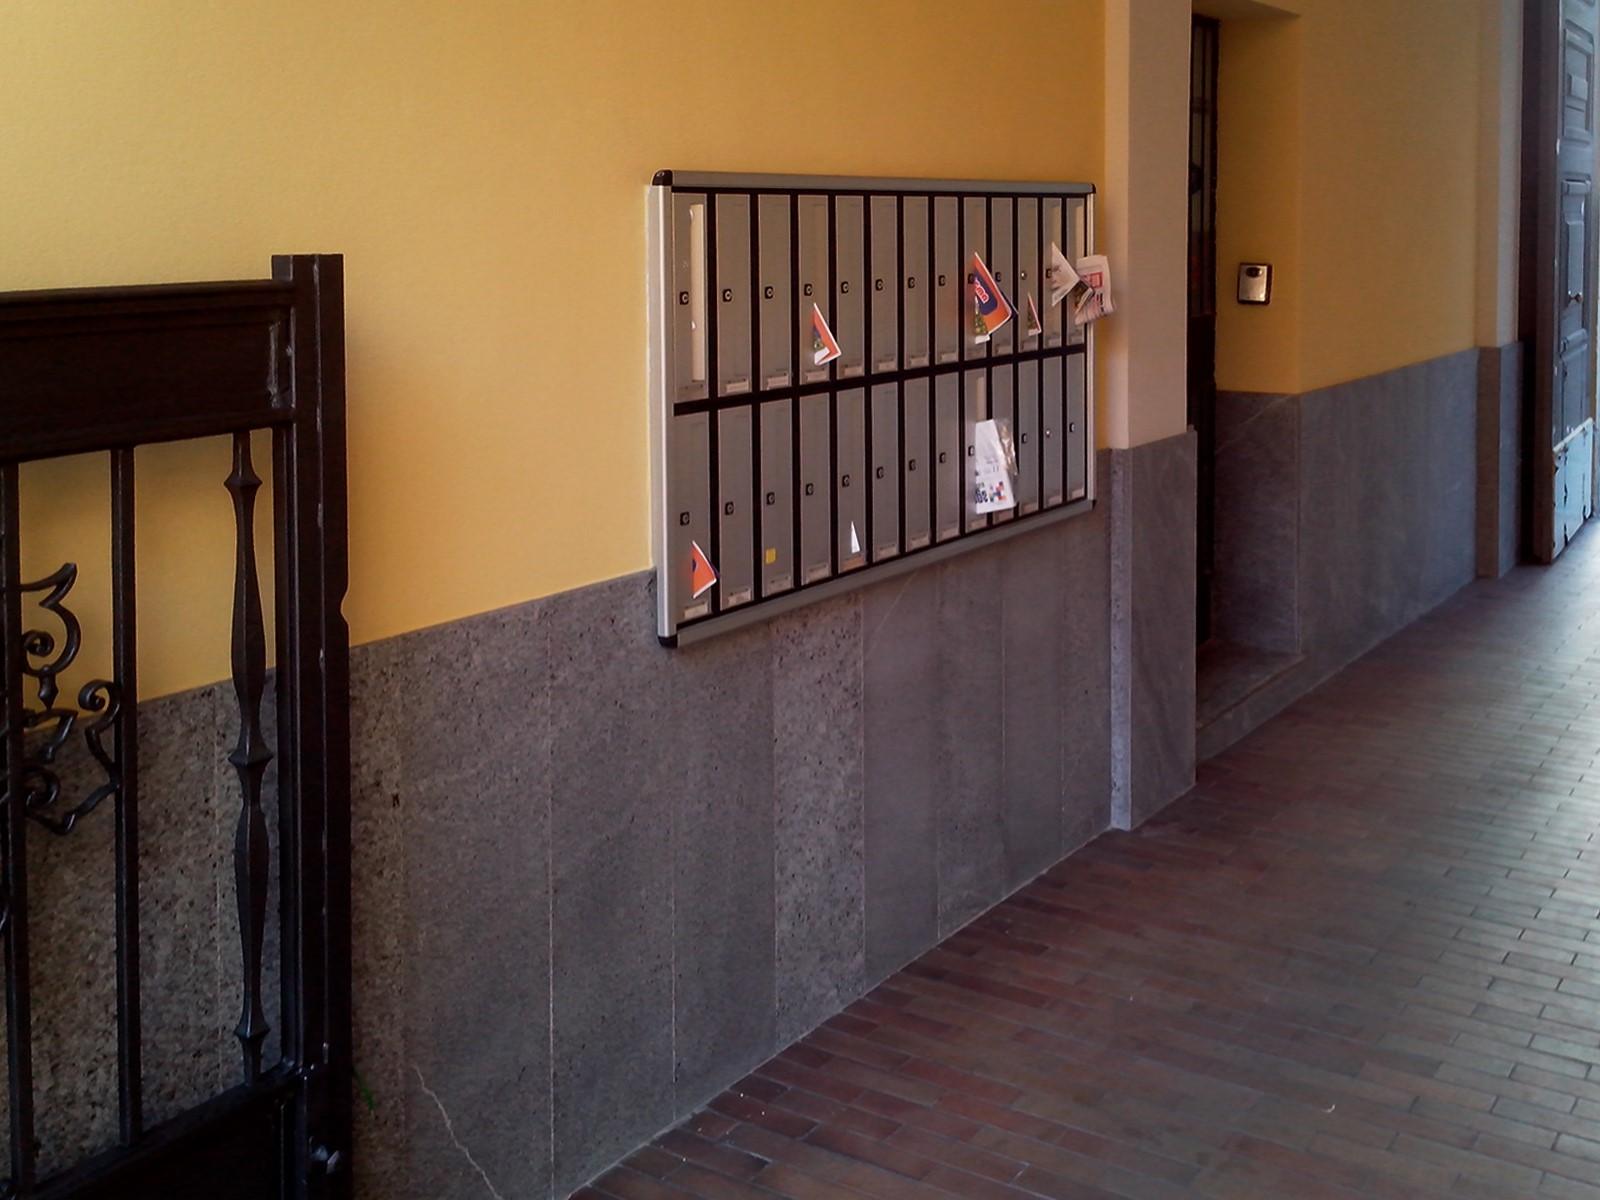 16. Atrio con basamento in lastre di marmo Beola grigio scuro, nuovi intonaci e pitture, vista lato casellario postale: lavori ultimati.